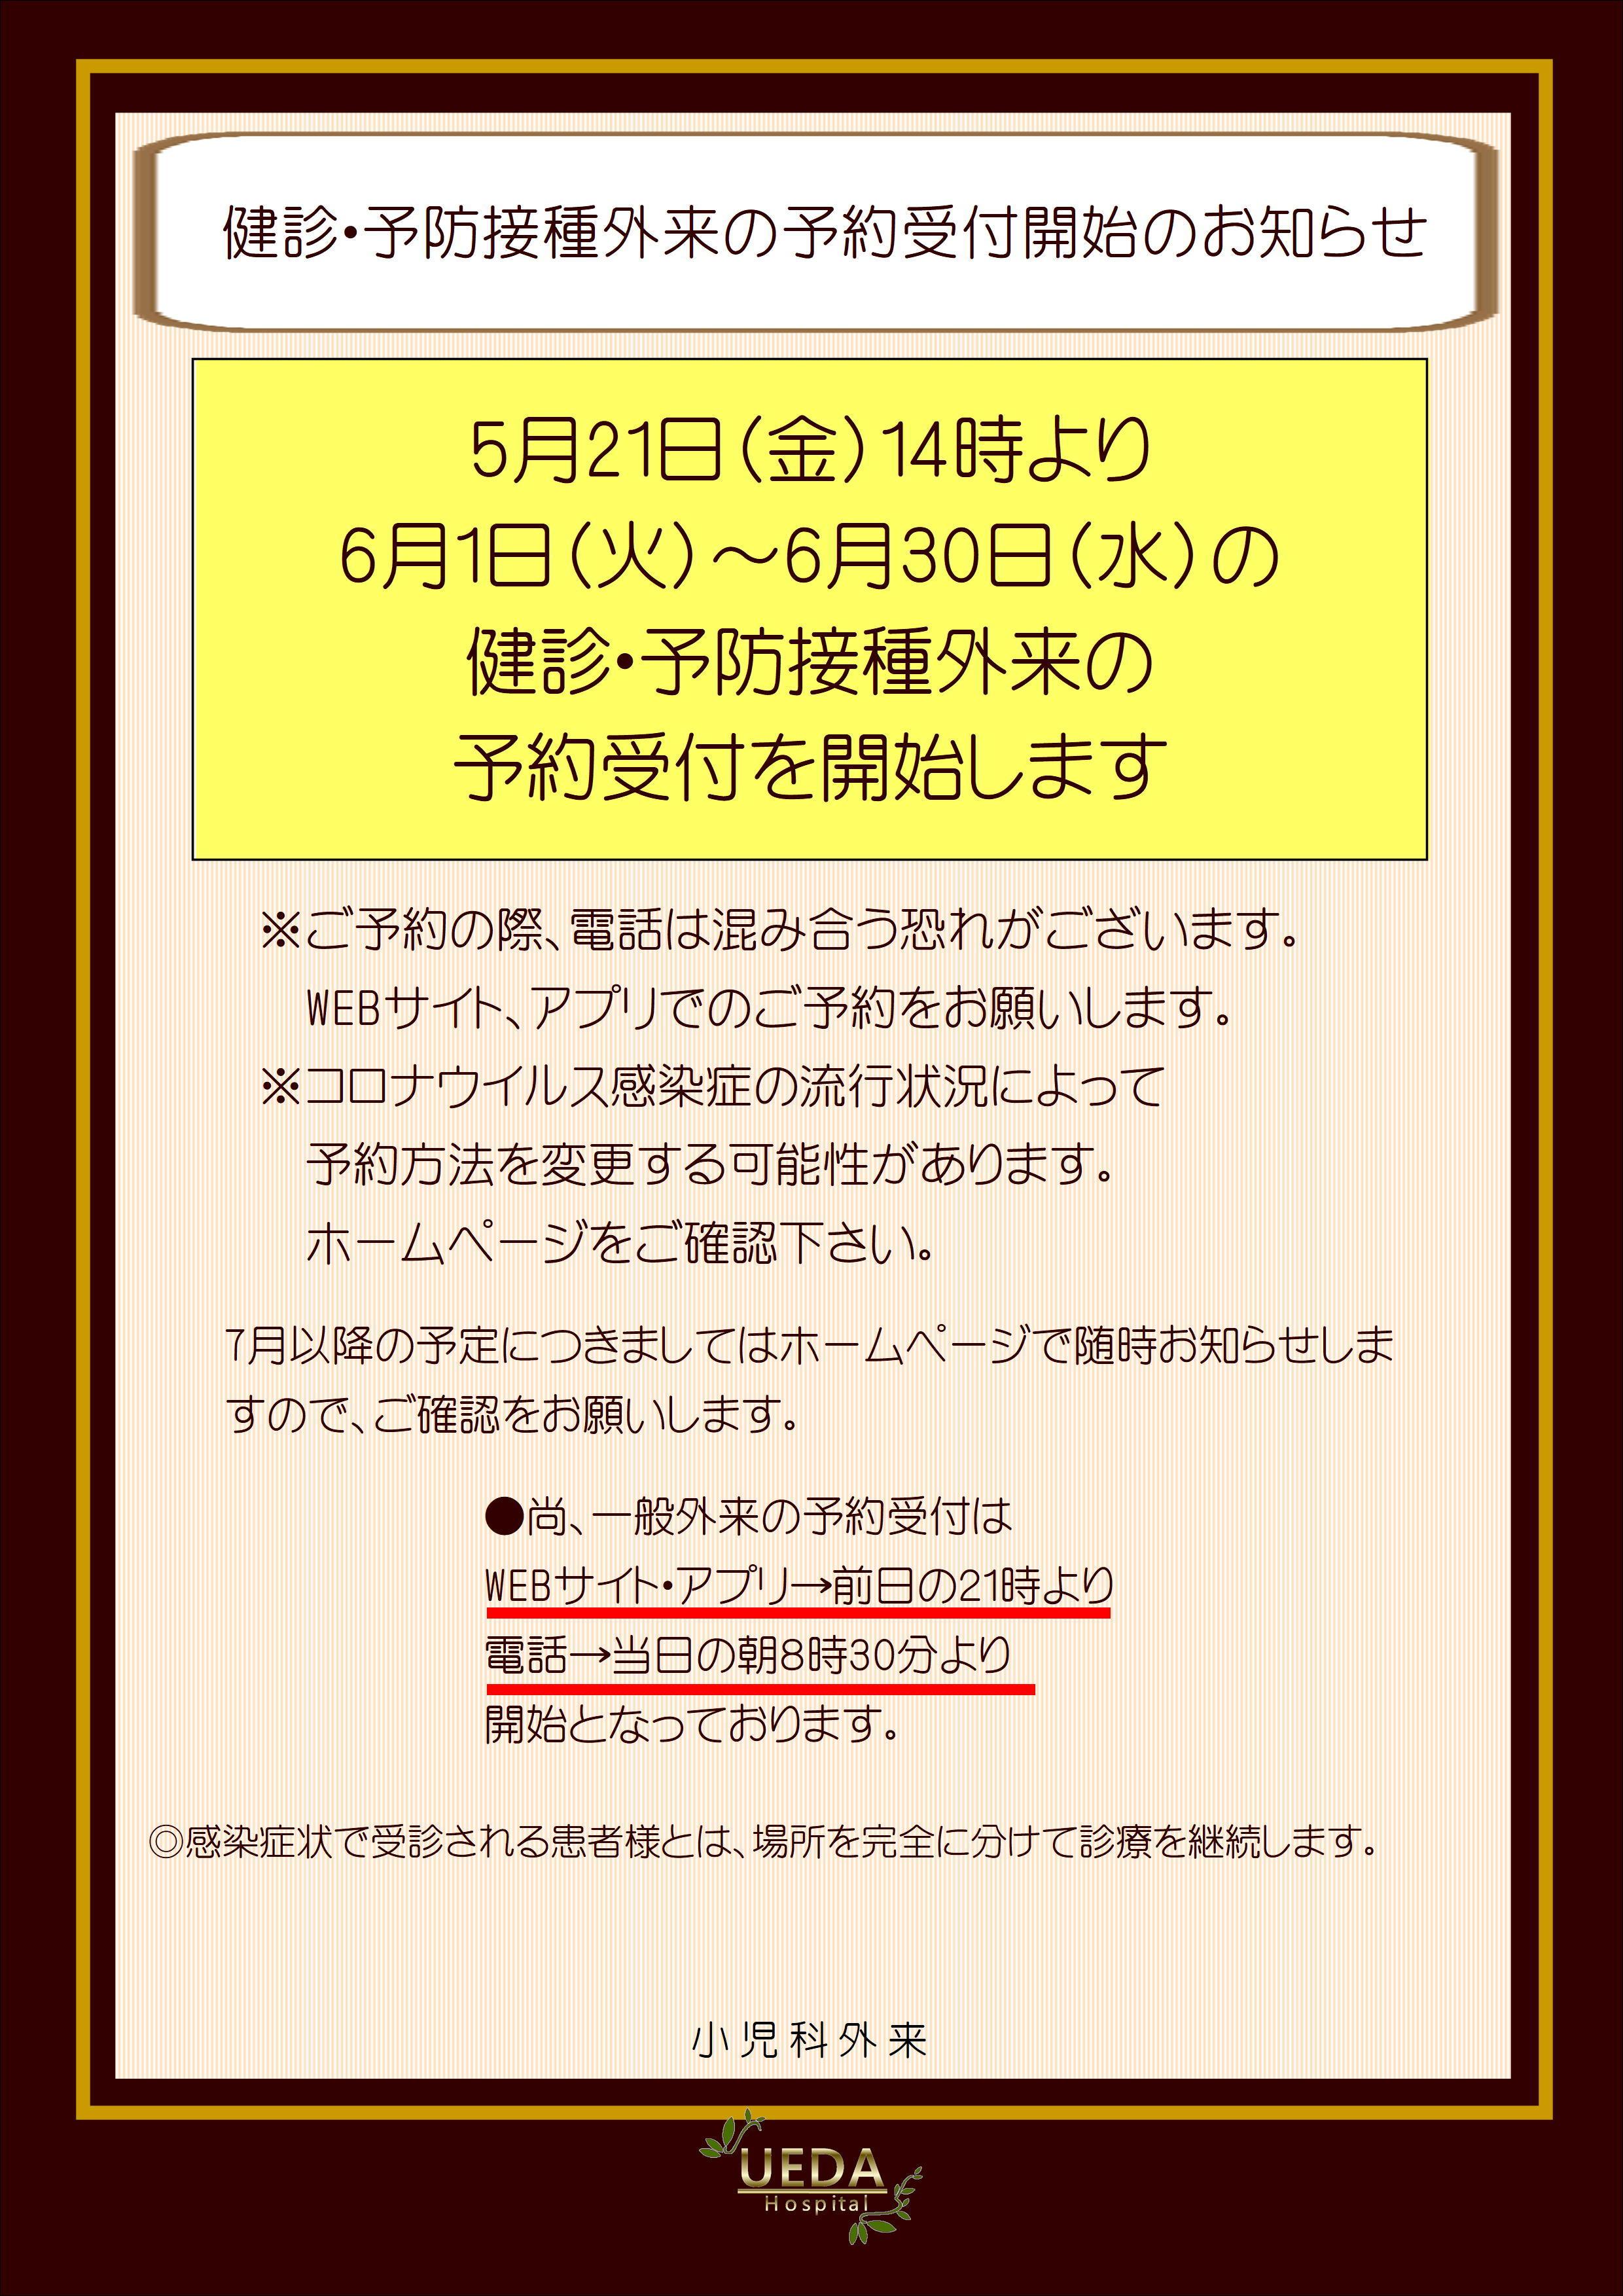 6月健診・予防接種外来予約受付.JPG